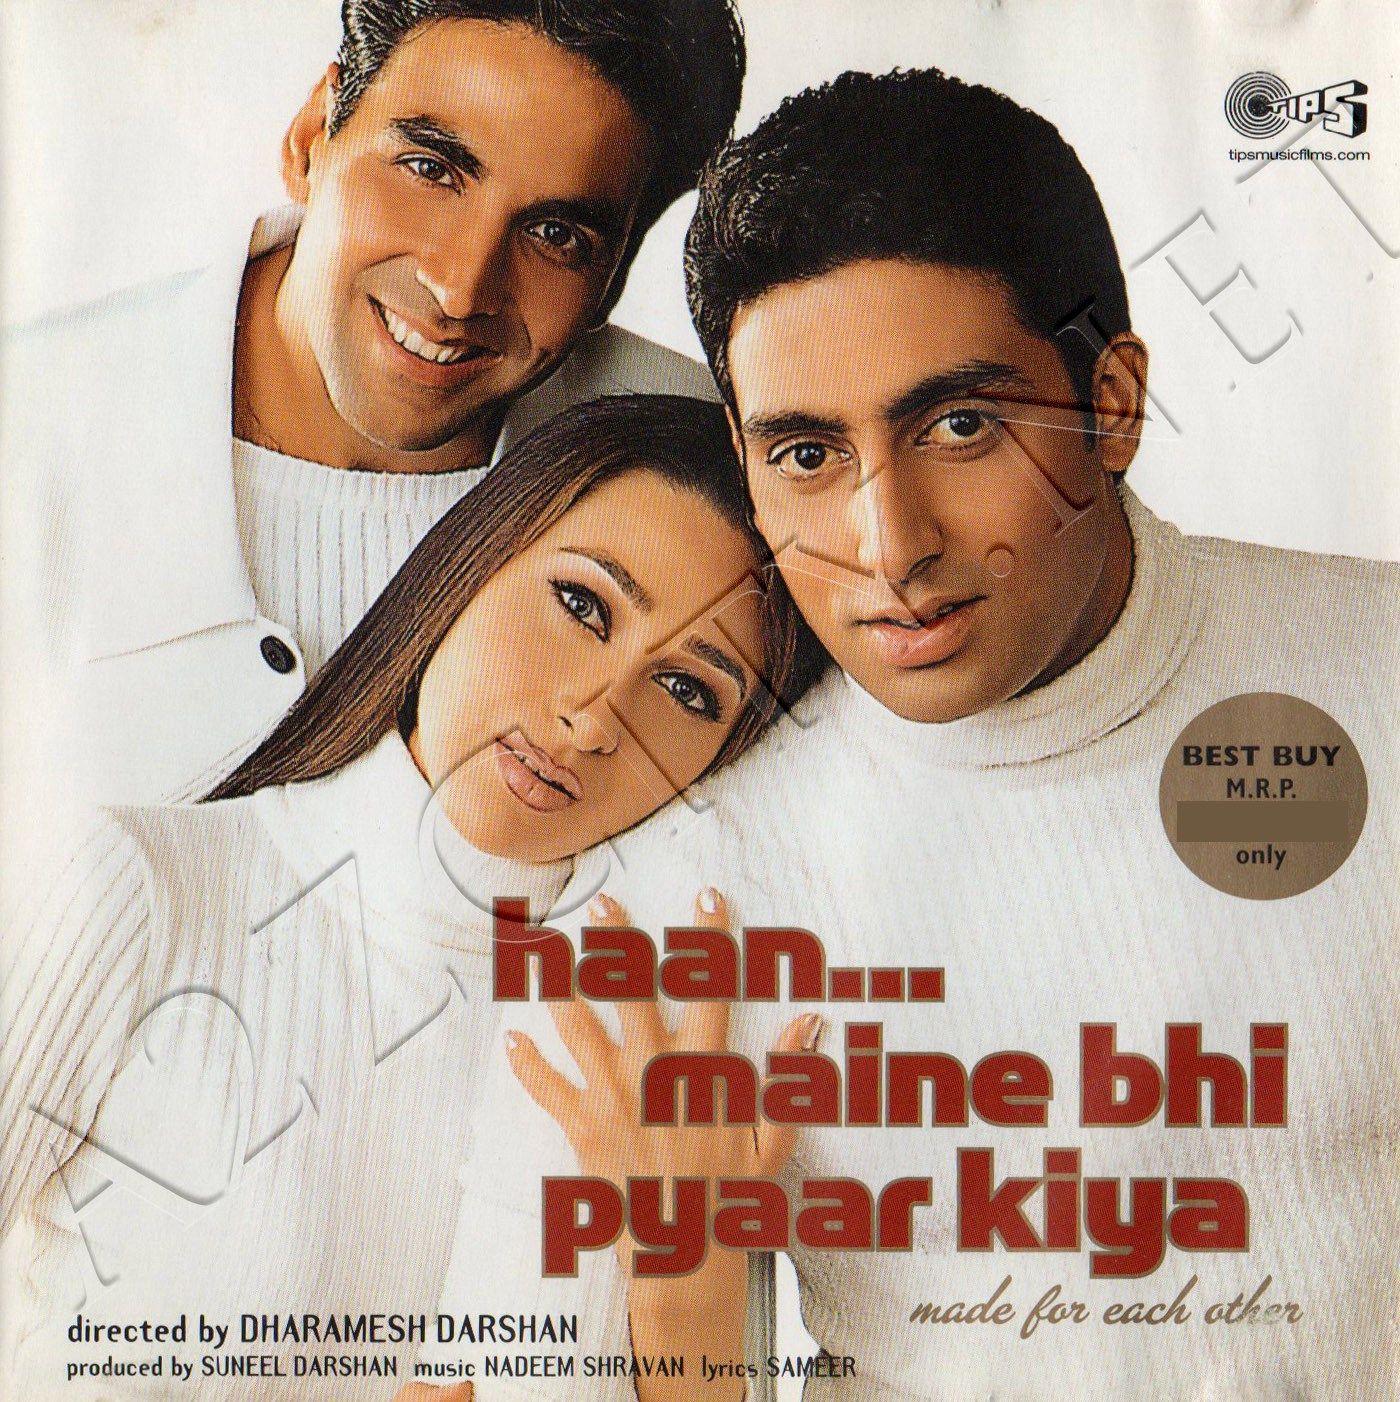 Haan Maine Bhi Pyaar Kiya 2002 Flac Hindi Bollywood Movies Bollywood Movies Bollywood Songs